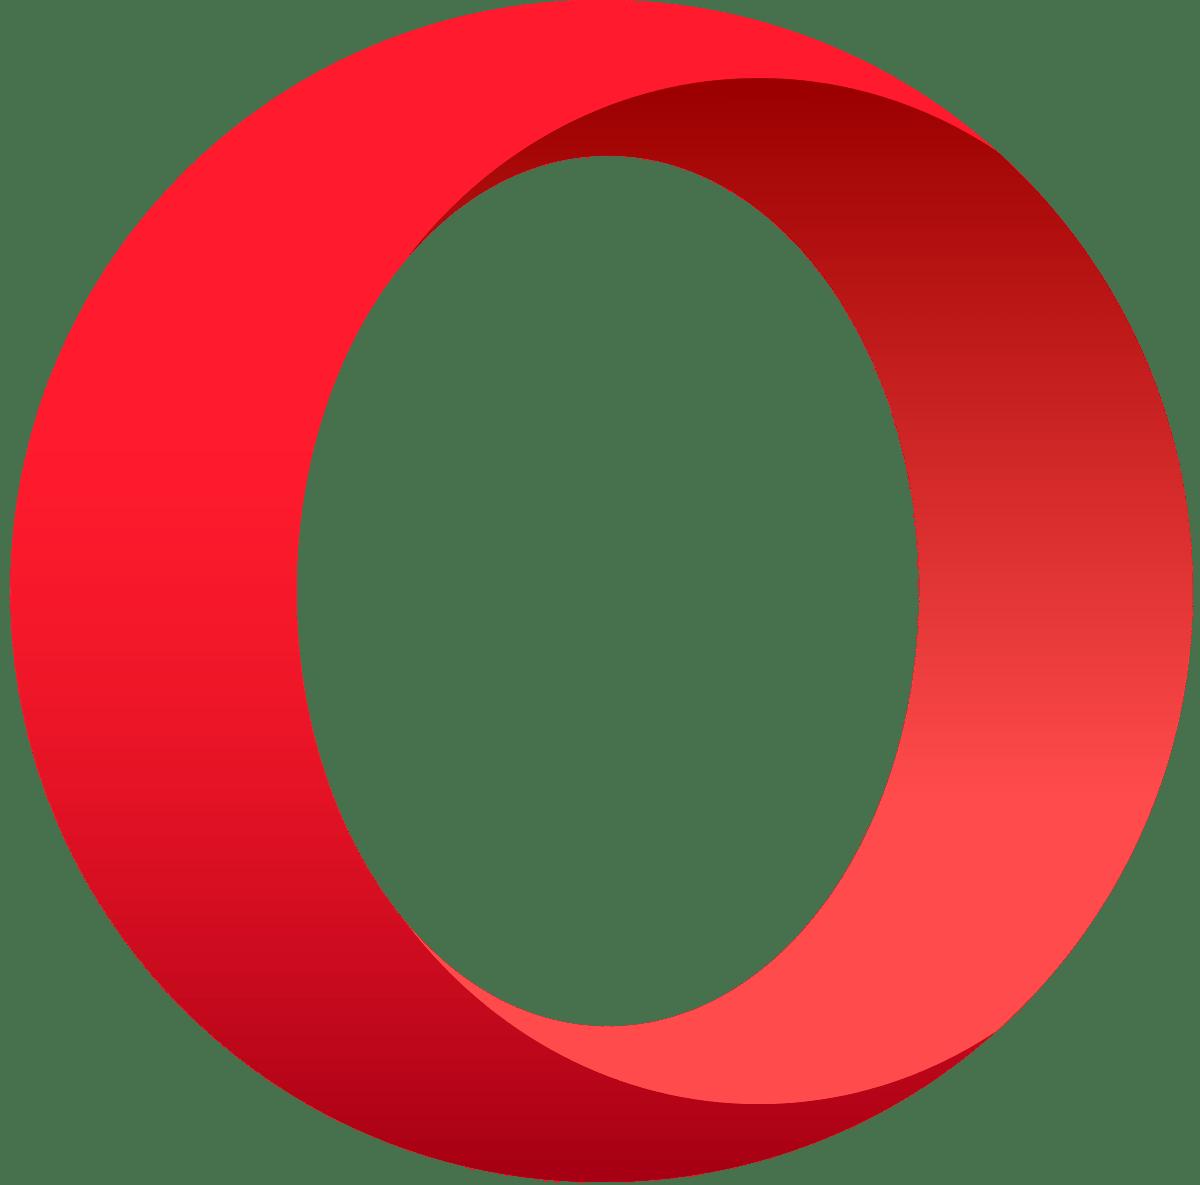 Топ 10 приложений для Андроид 2019 года